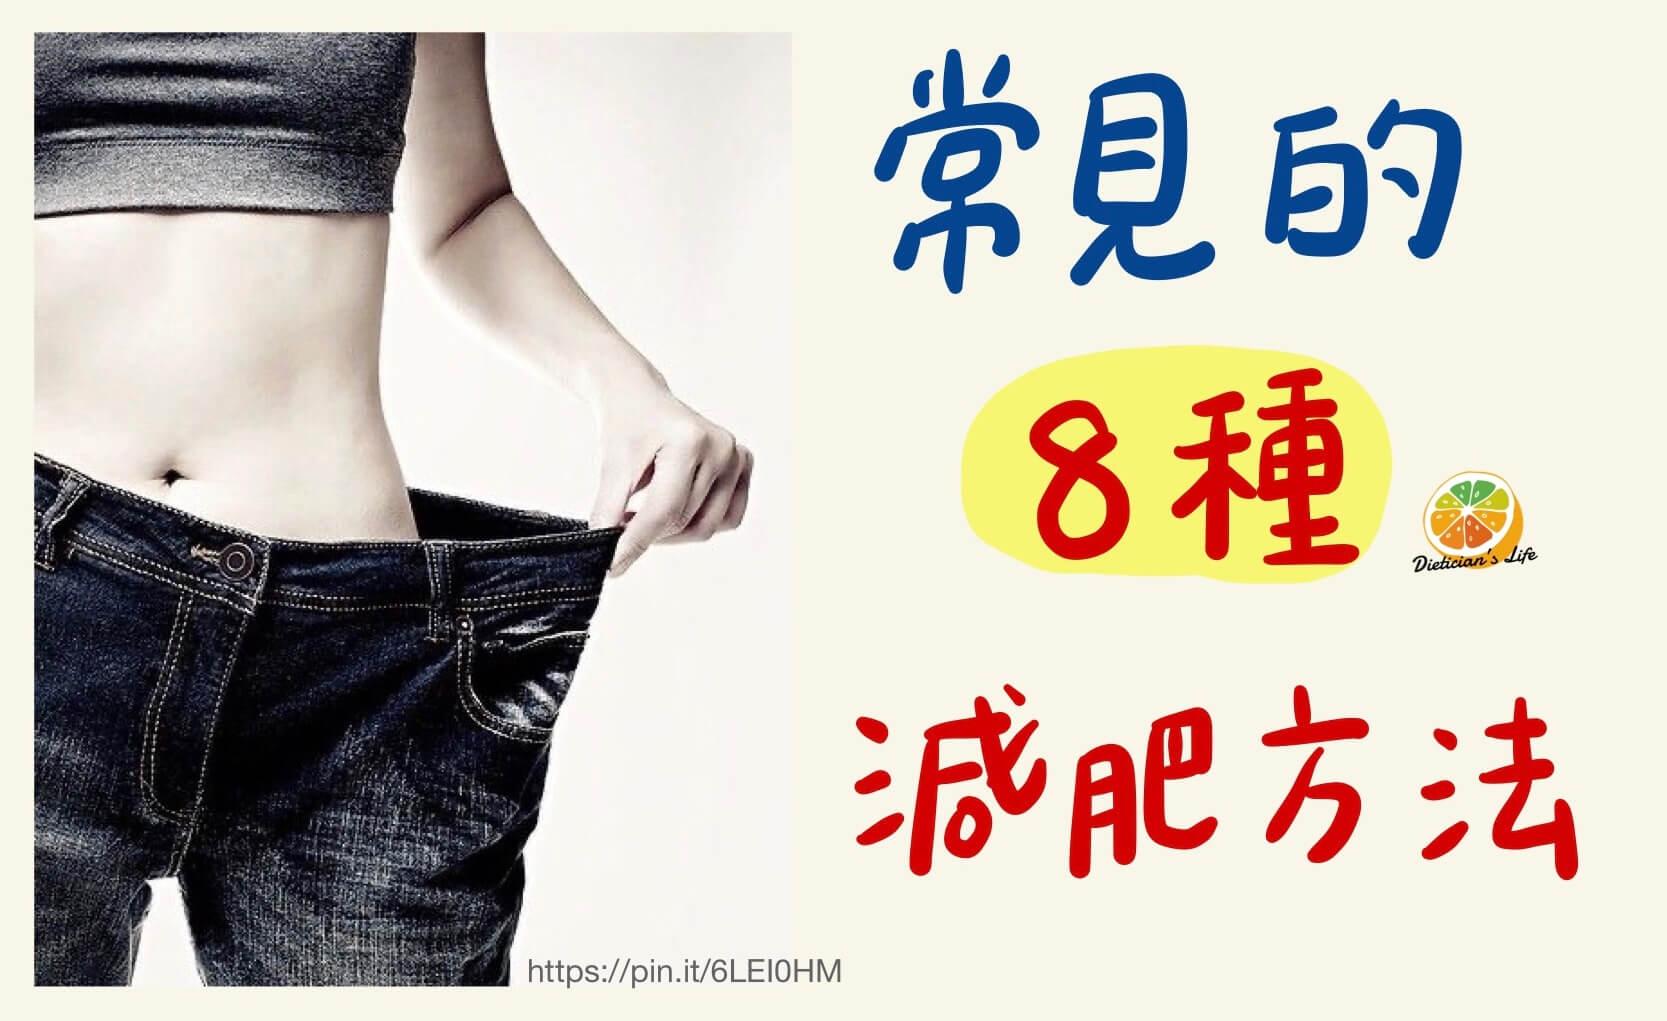 【減重】常見的8種減肥方法,一次介紹給你聽!生酮、減醣、168、代餐…